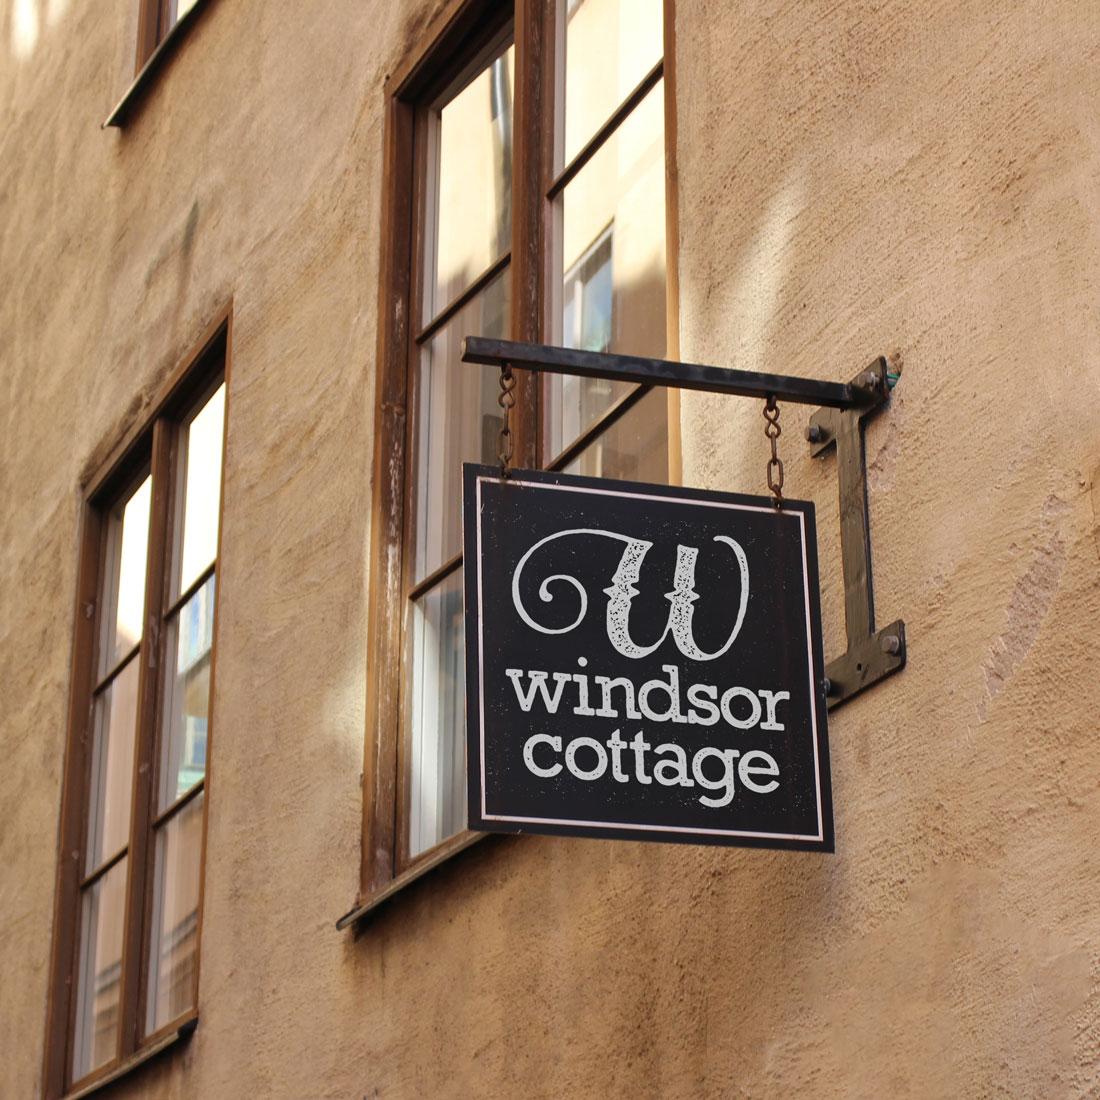 Photo of Windsor Cottage signage with logo